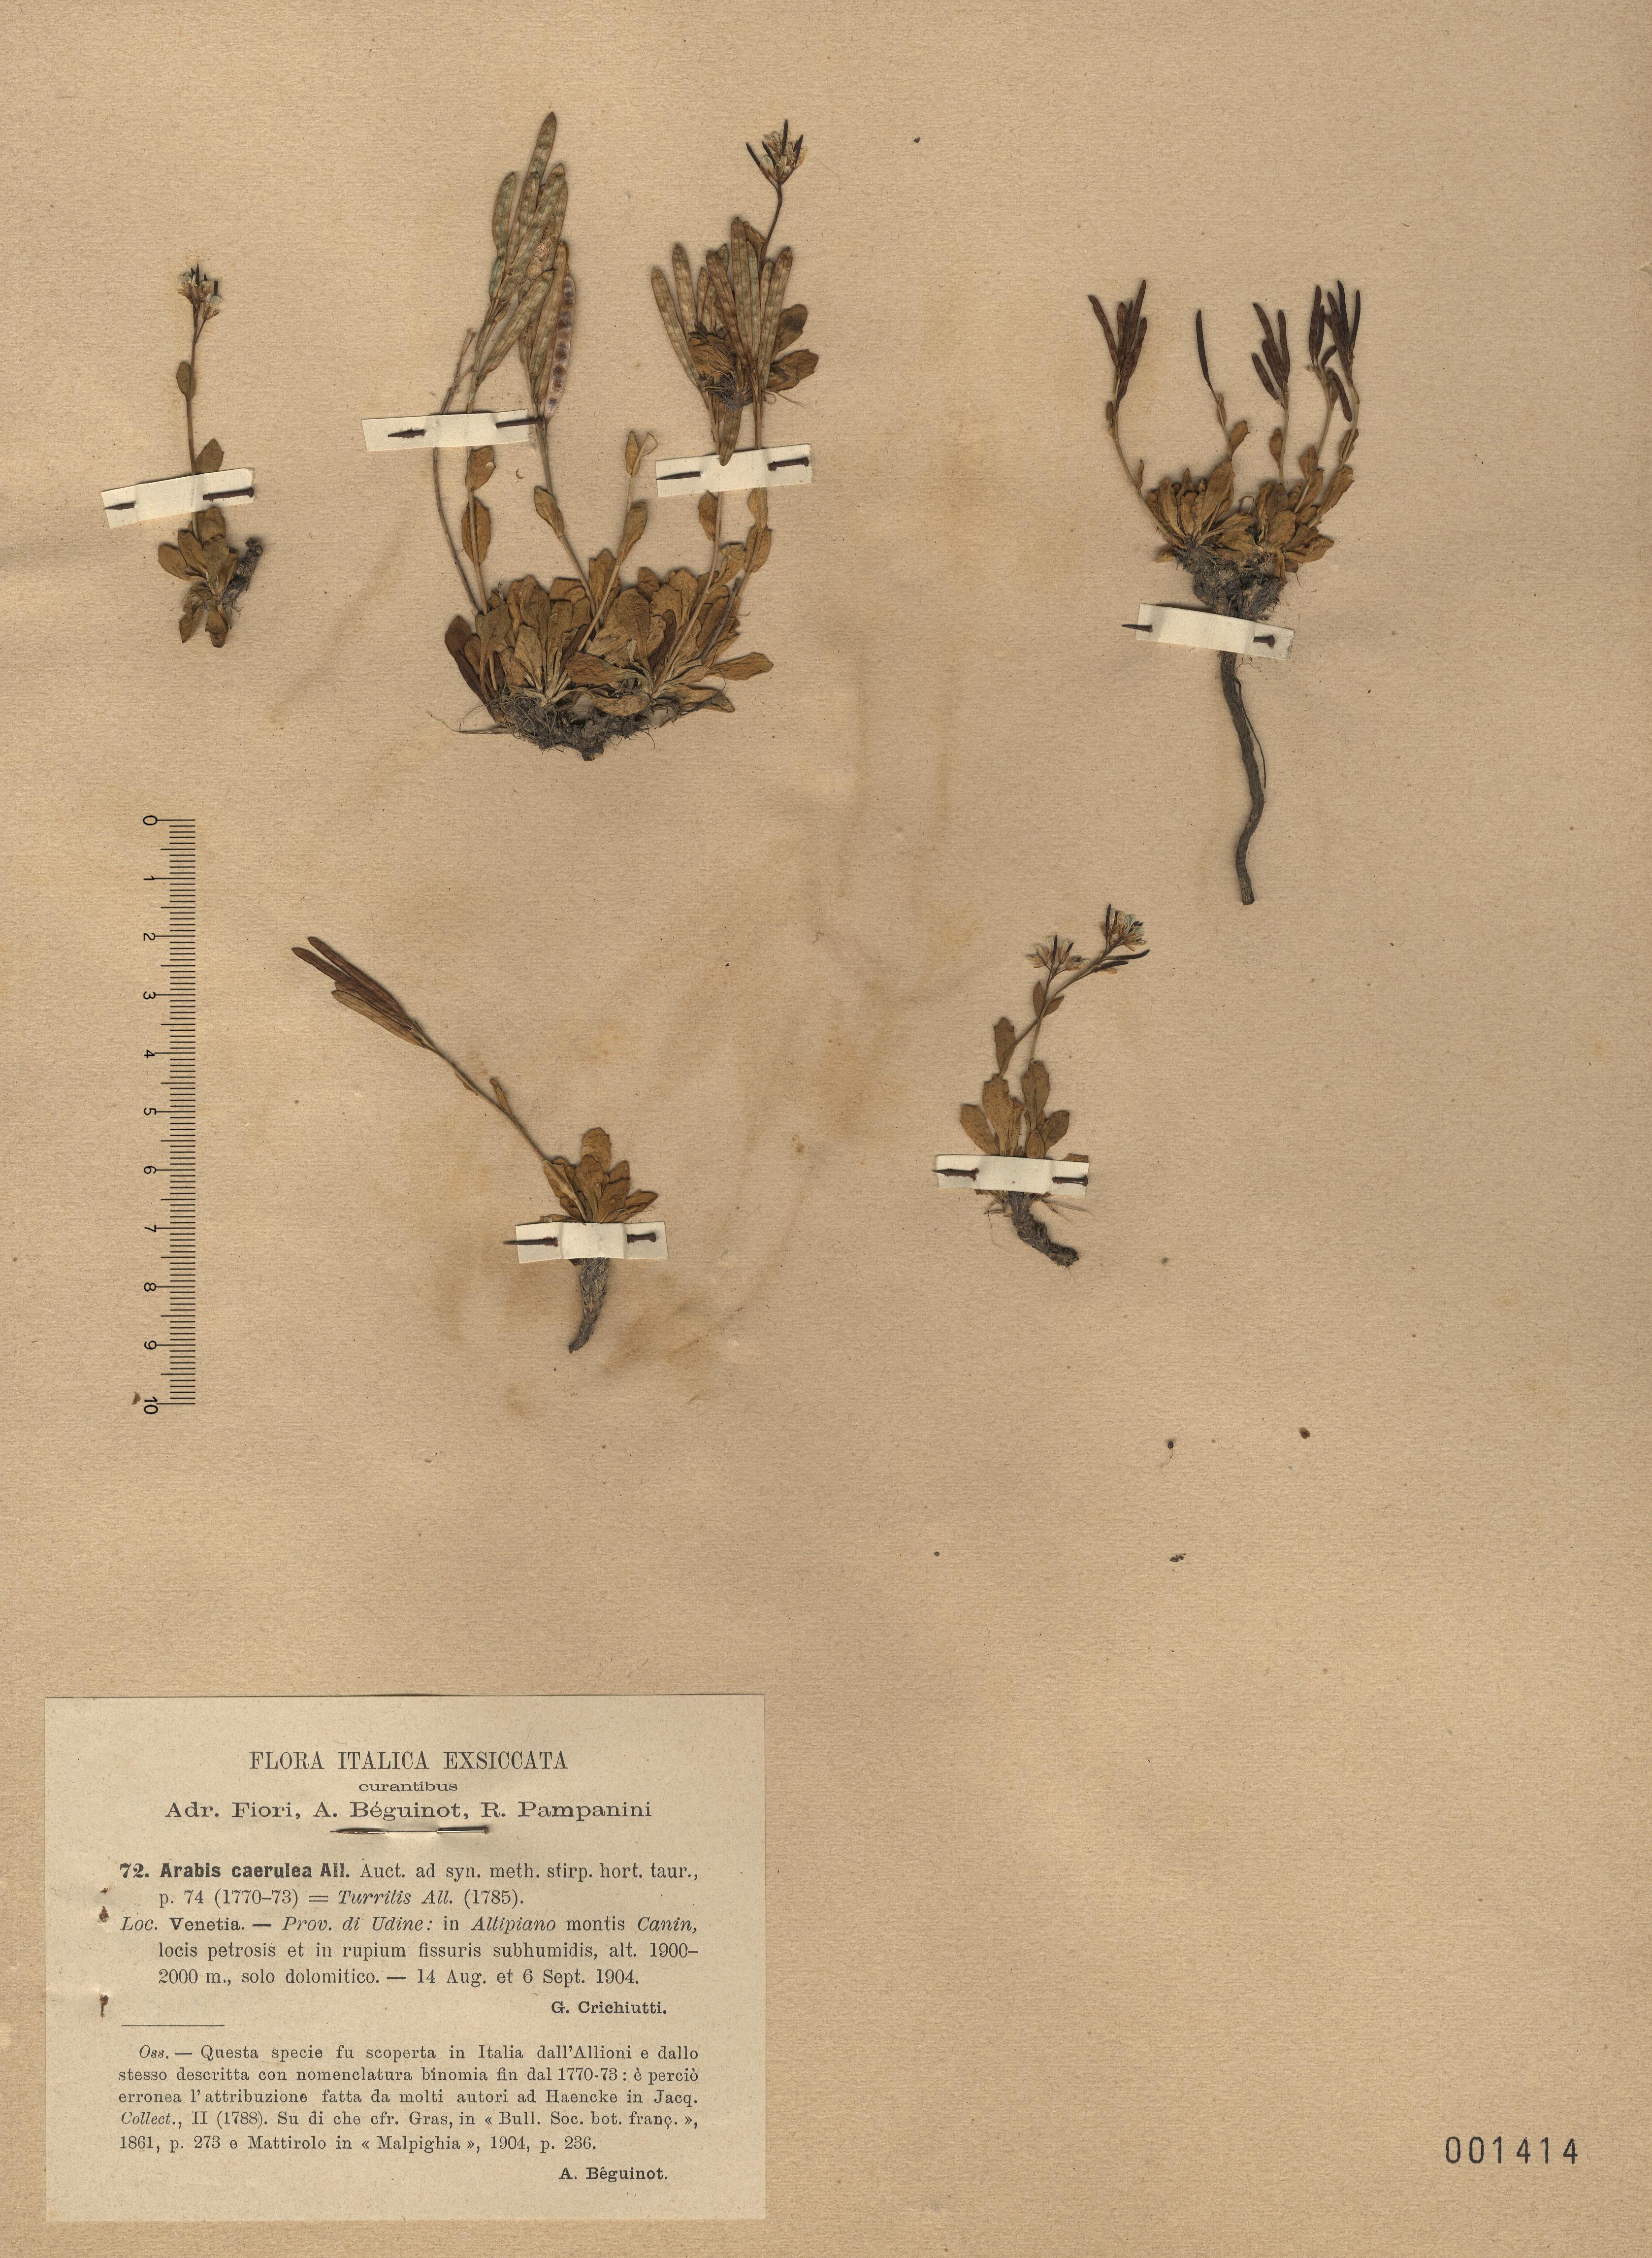 © Hortus Botanicus Catinensis - Heb. sheet 001414<br>